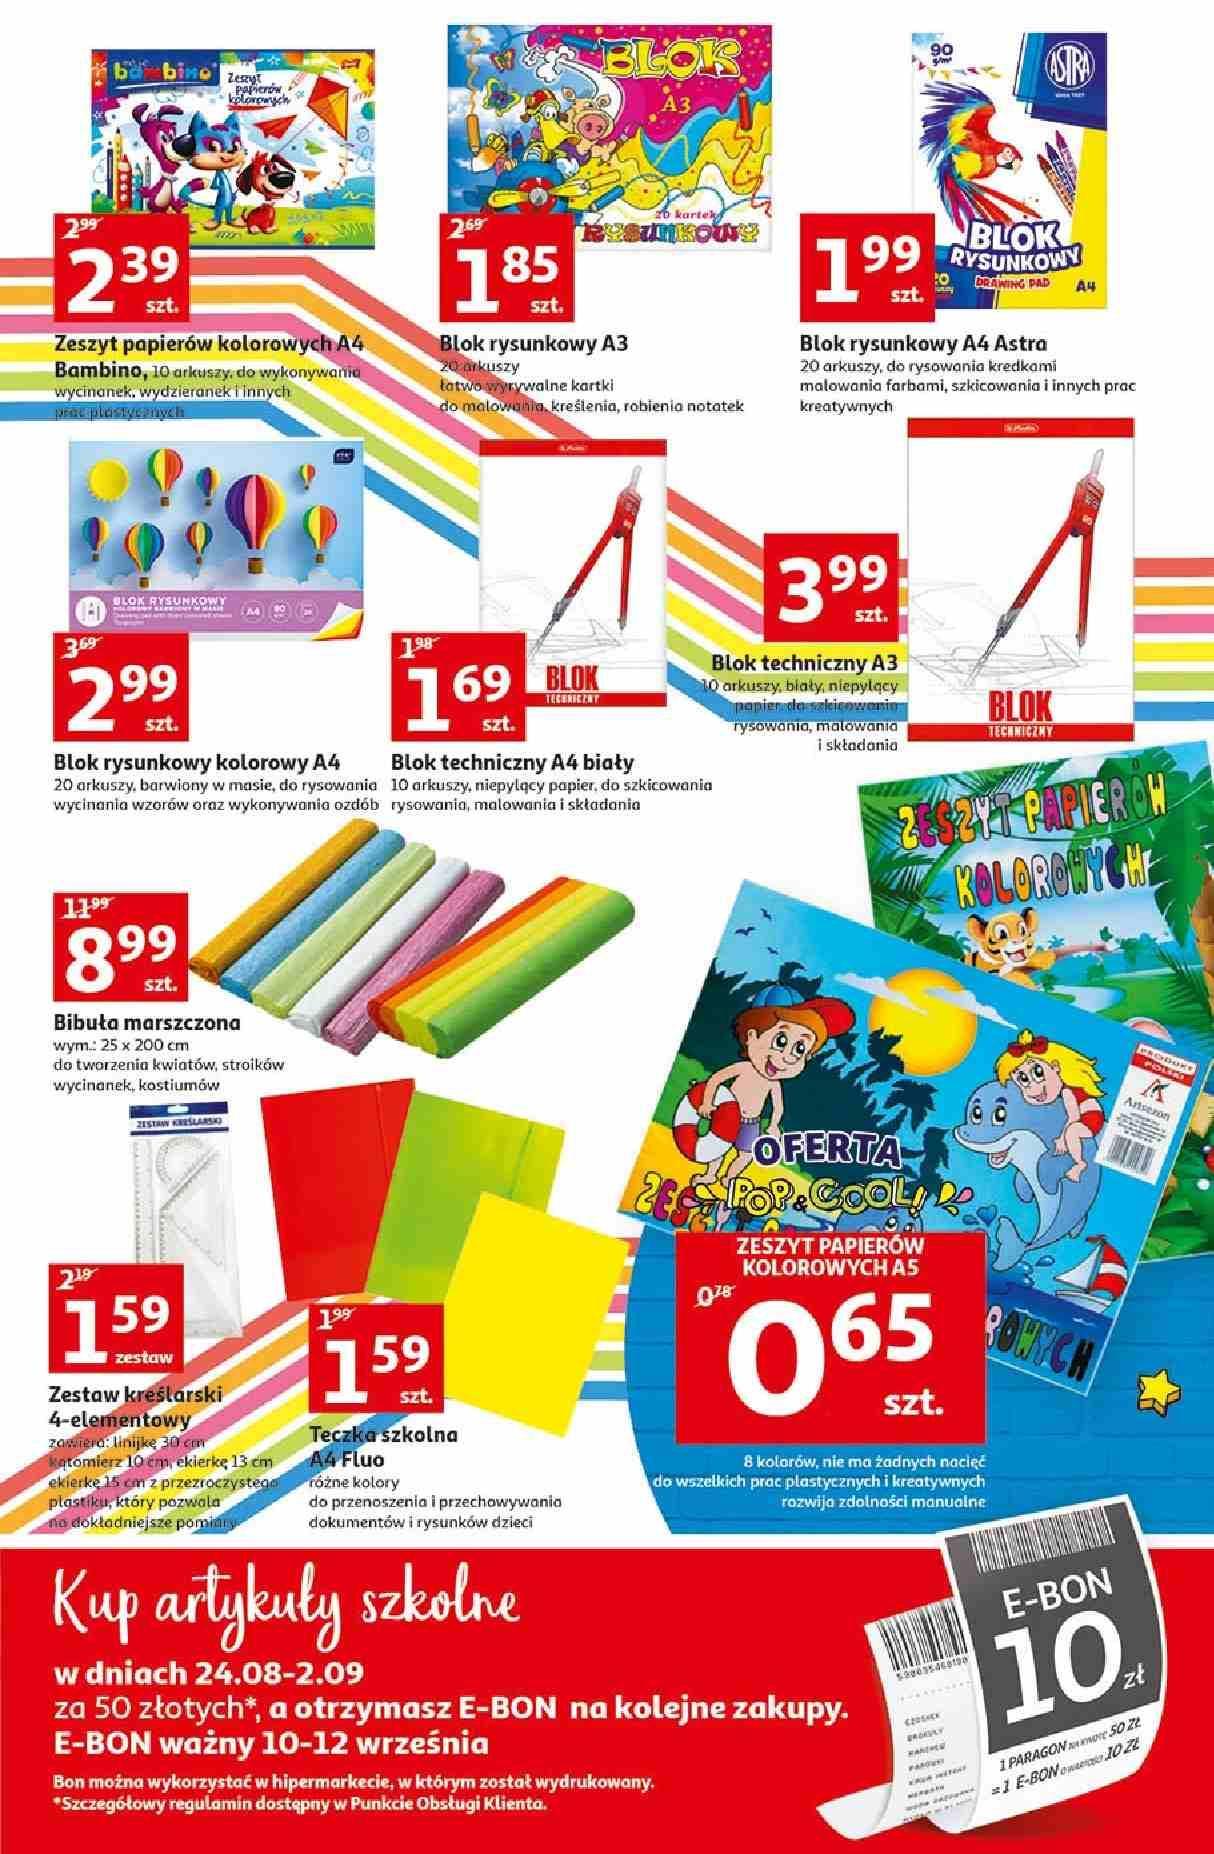 Gazetka promocyjna Auchan do 03/09/2020 str.6